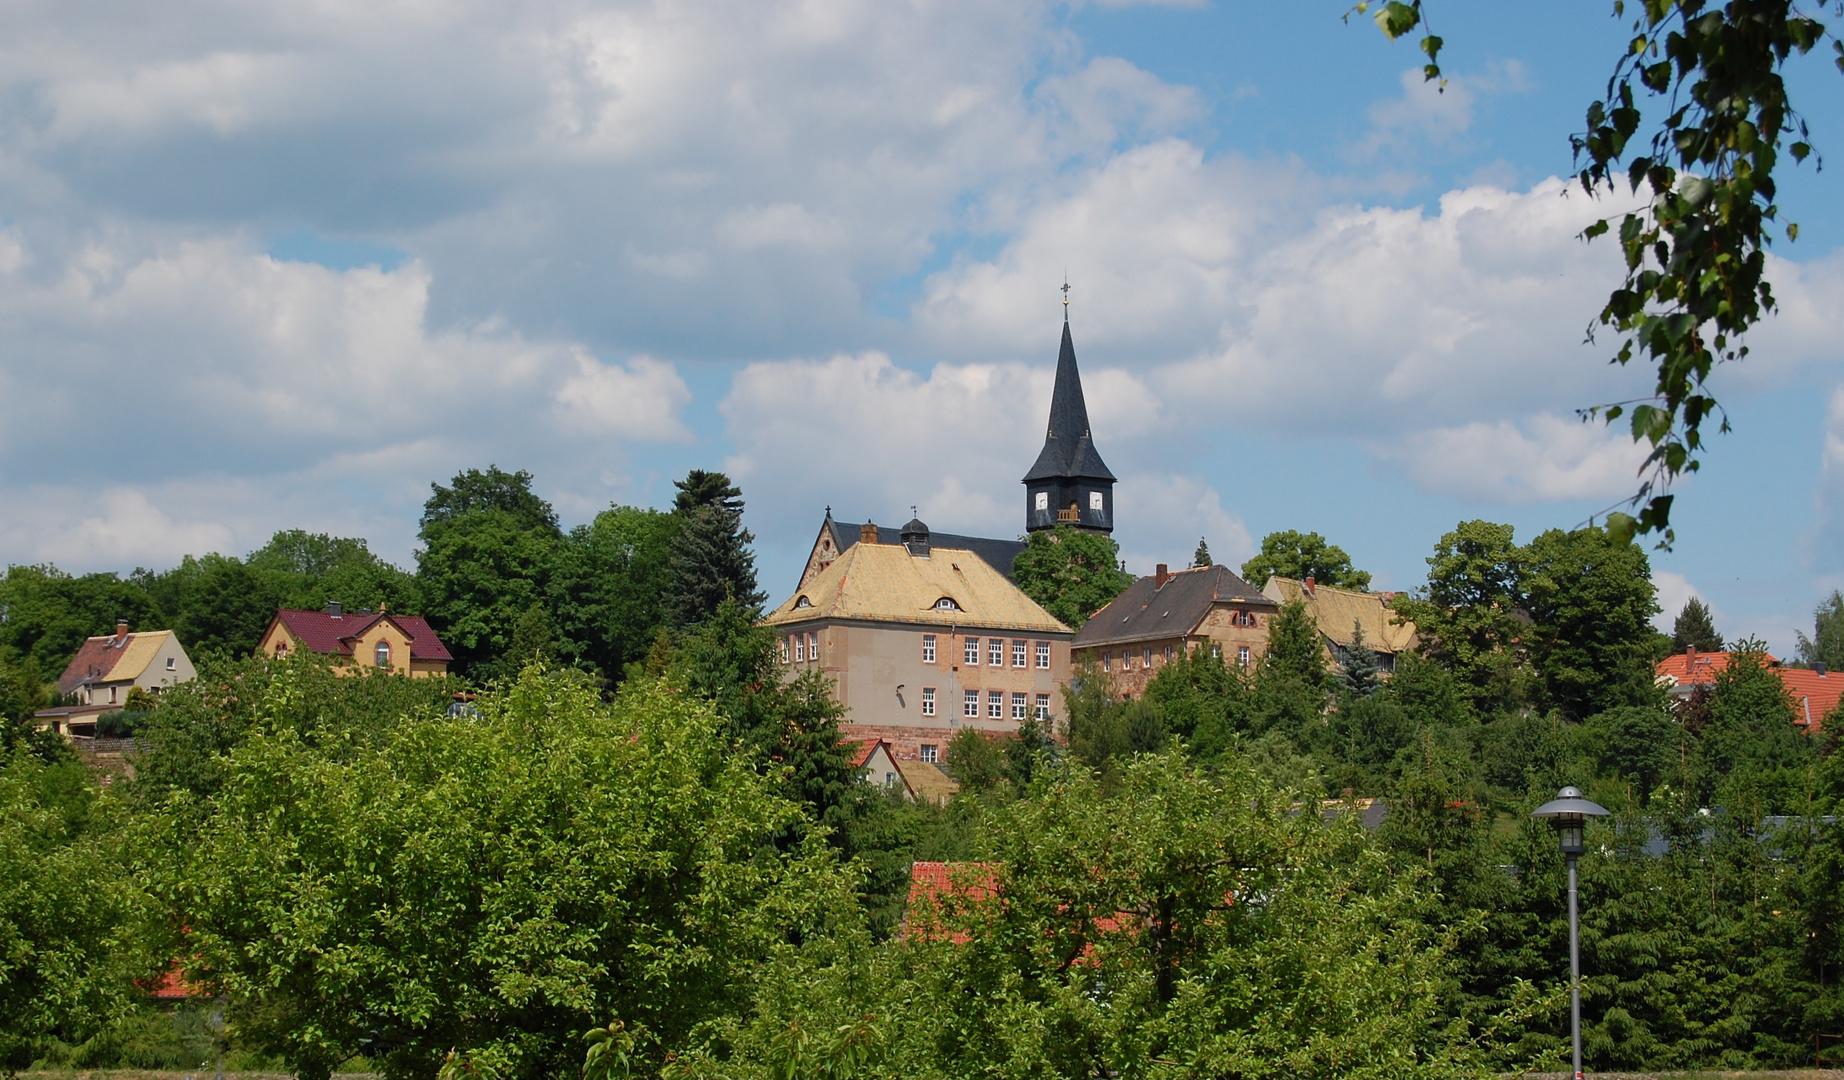 Kirche und Ort Kohren-Salis